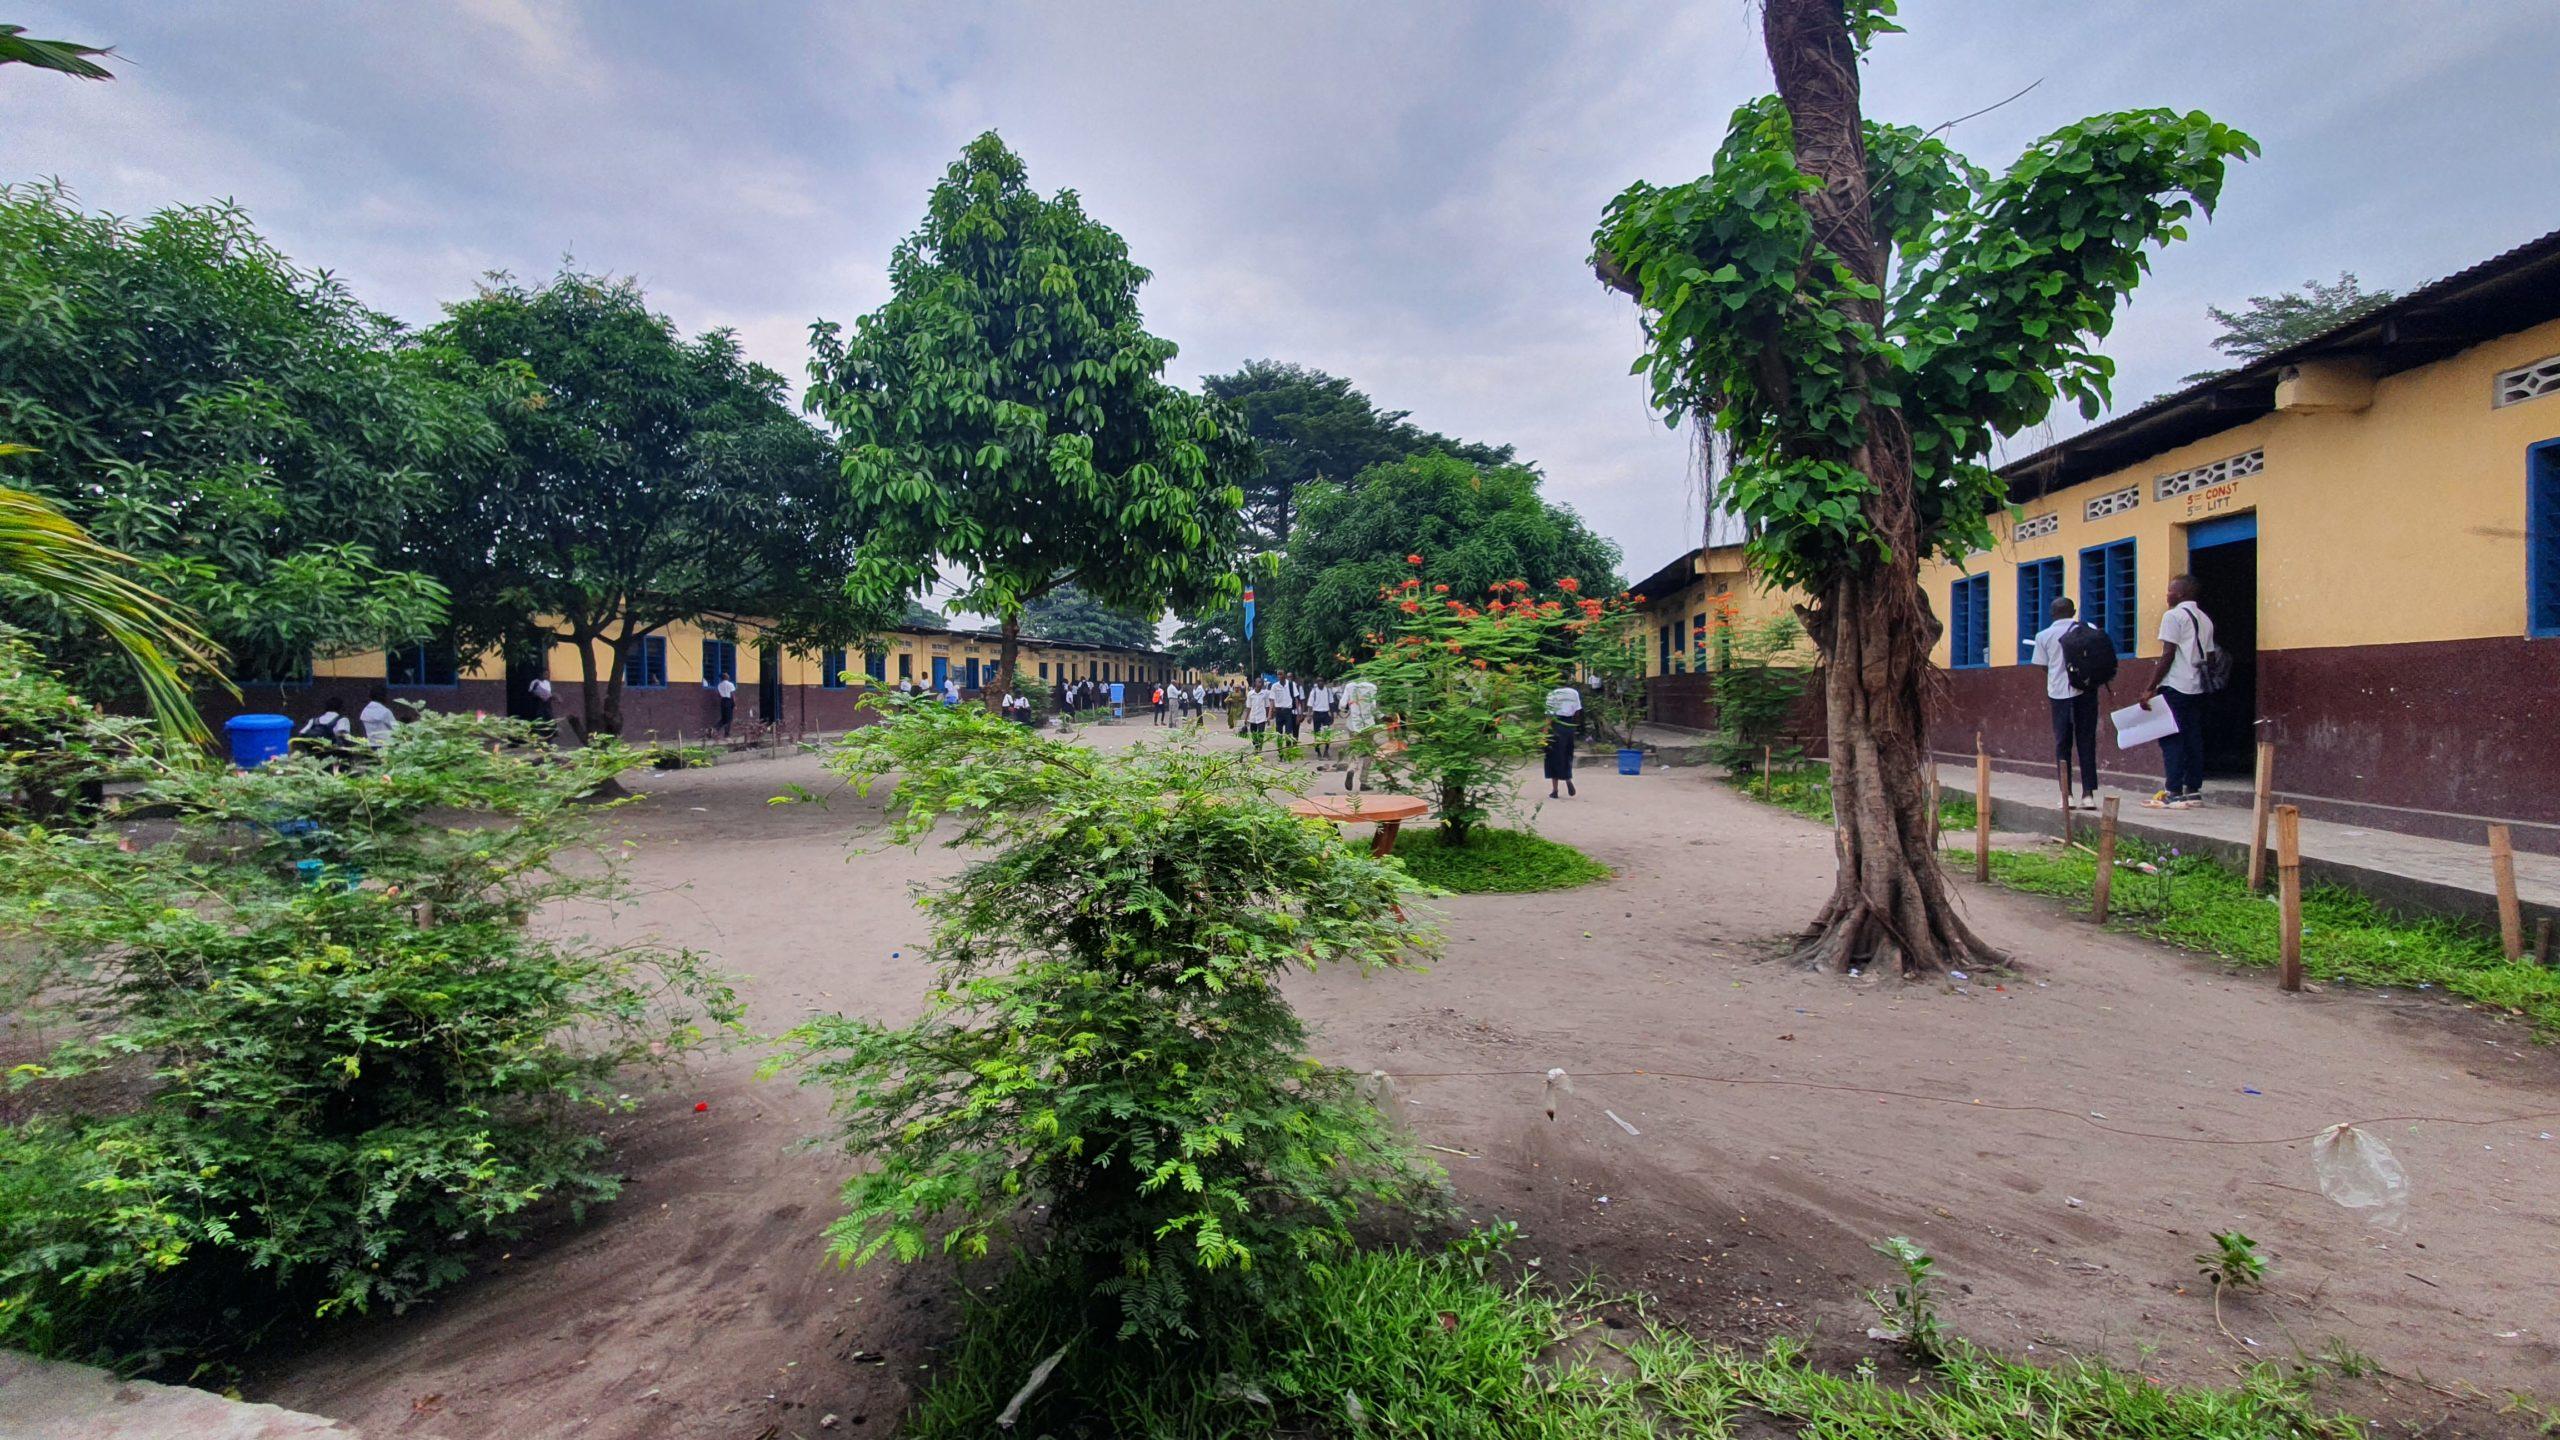 Une cours d'école en République démocratique du Congo @ponabana